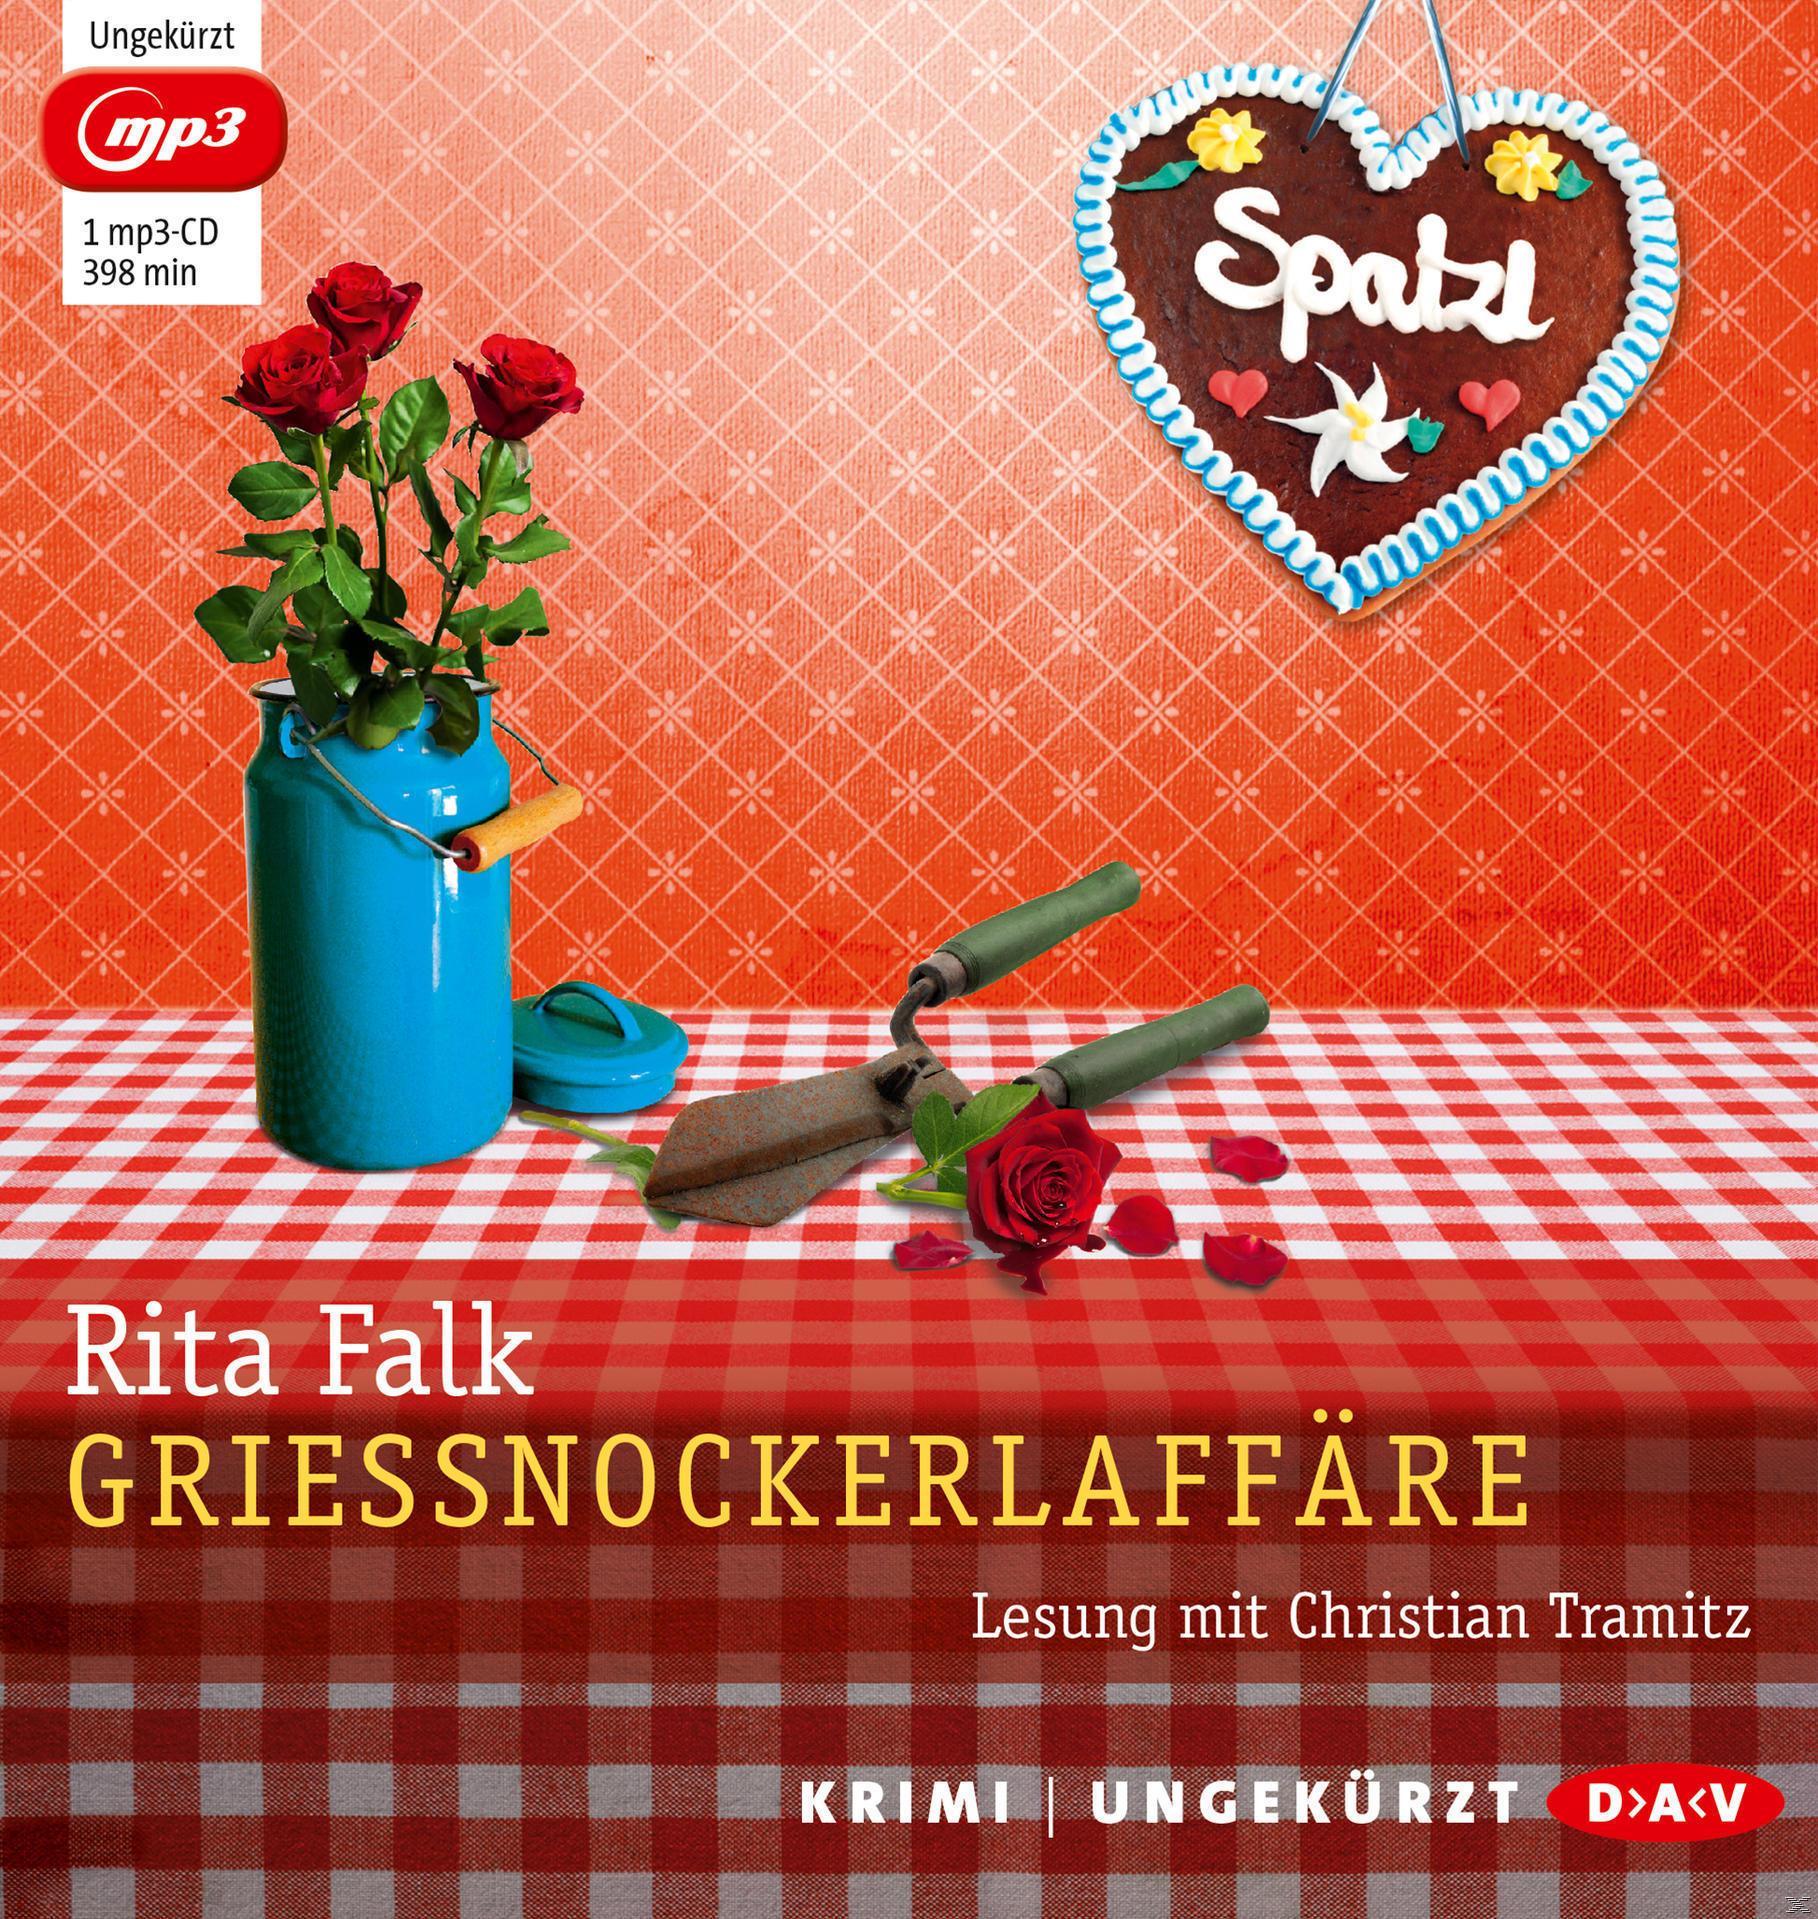 Grießnockerlaffäre (MP3-CD(s)) für 9,49 Euro